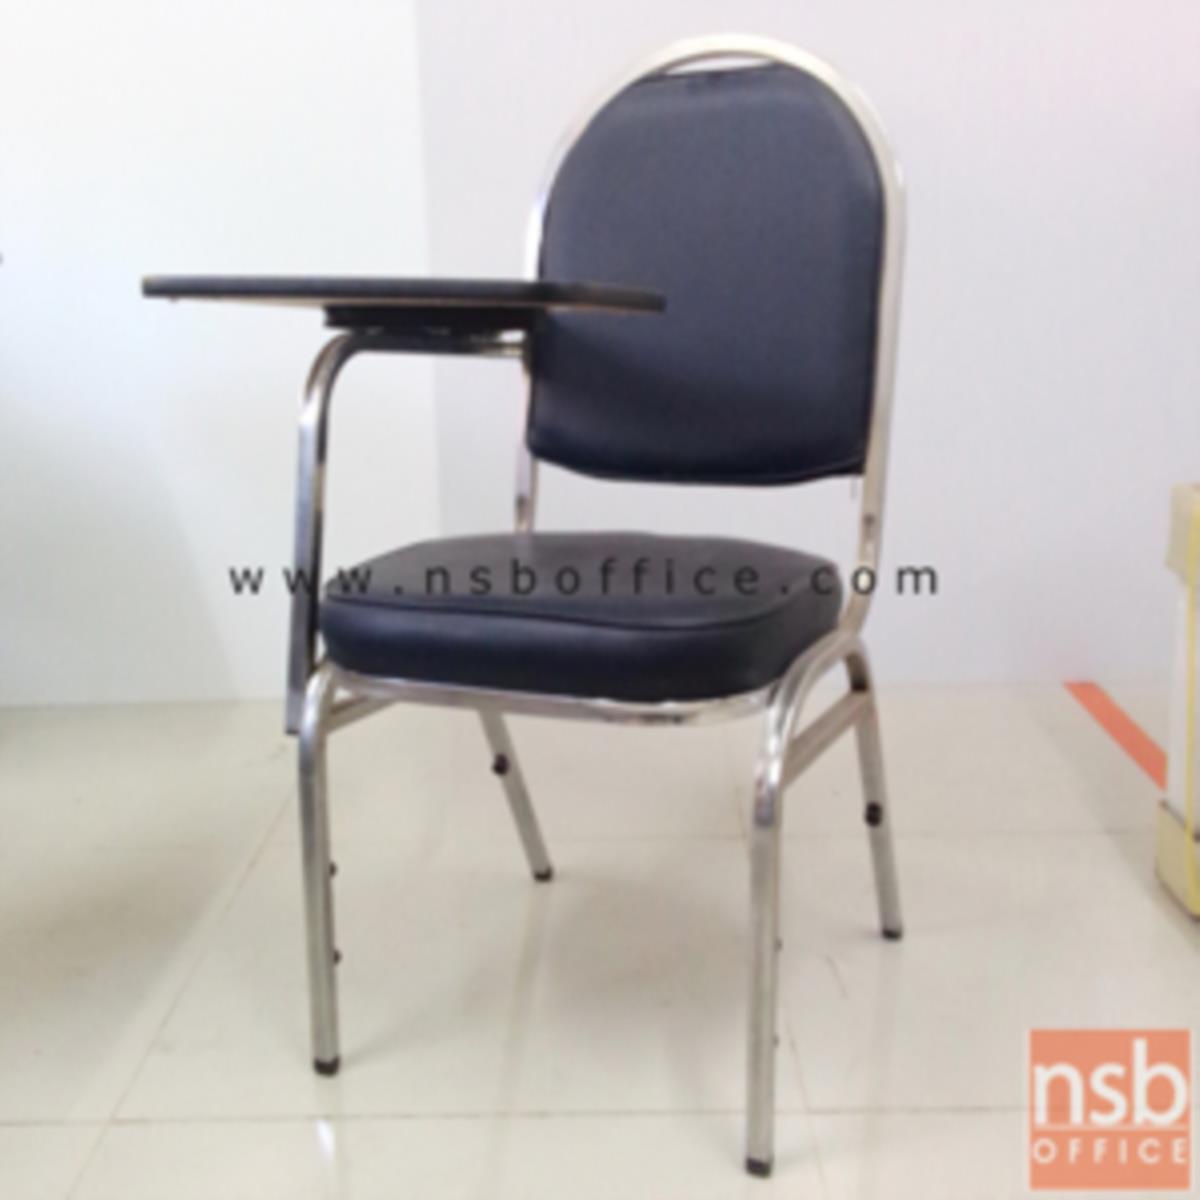 B07A005:เก้าอี้เลคเชอร์หุ้มหนังเทียม (PVC) รุ่น CL-500 ขาเหล็กชุบโครเมี่ยมและขาเหล็กพ่นดำ